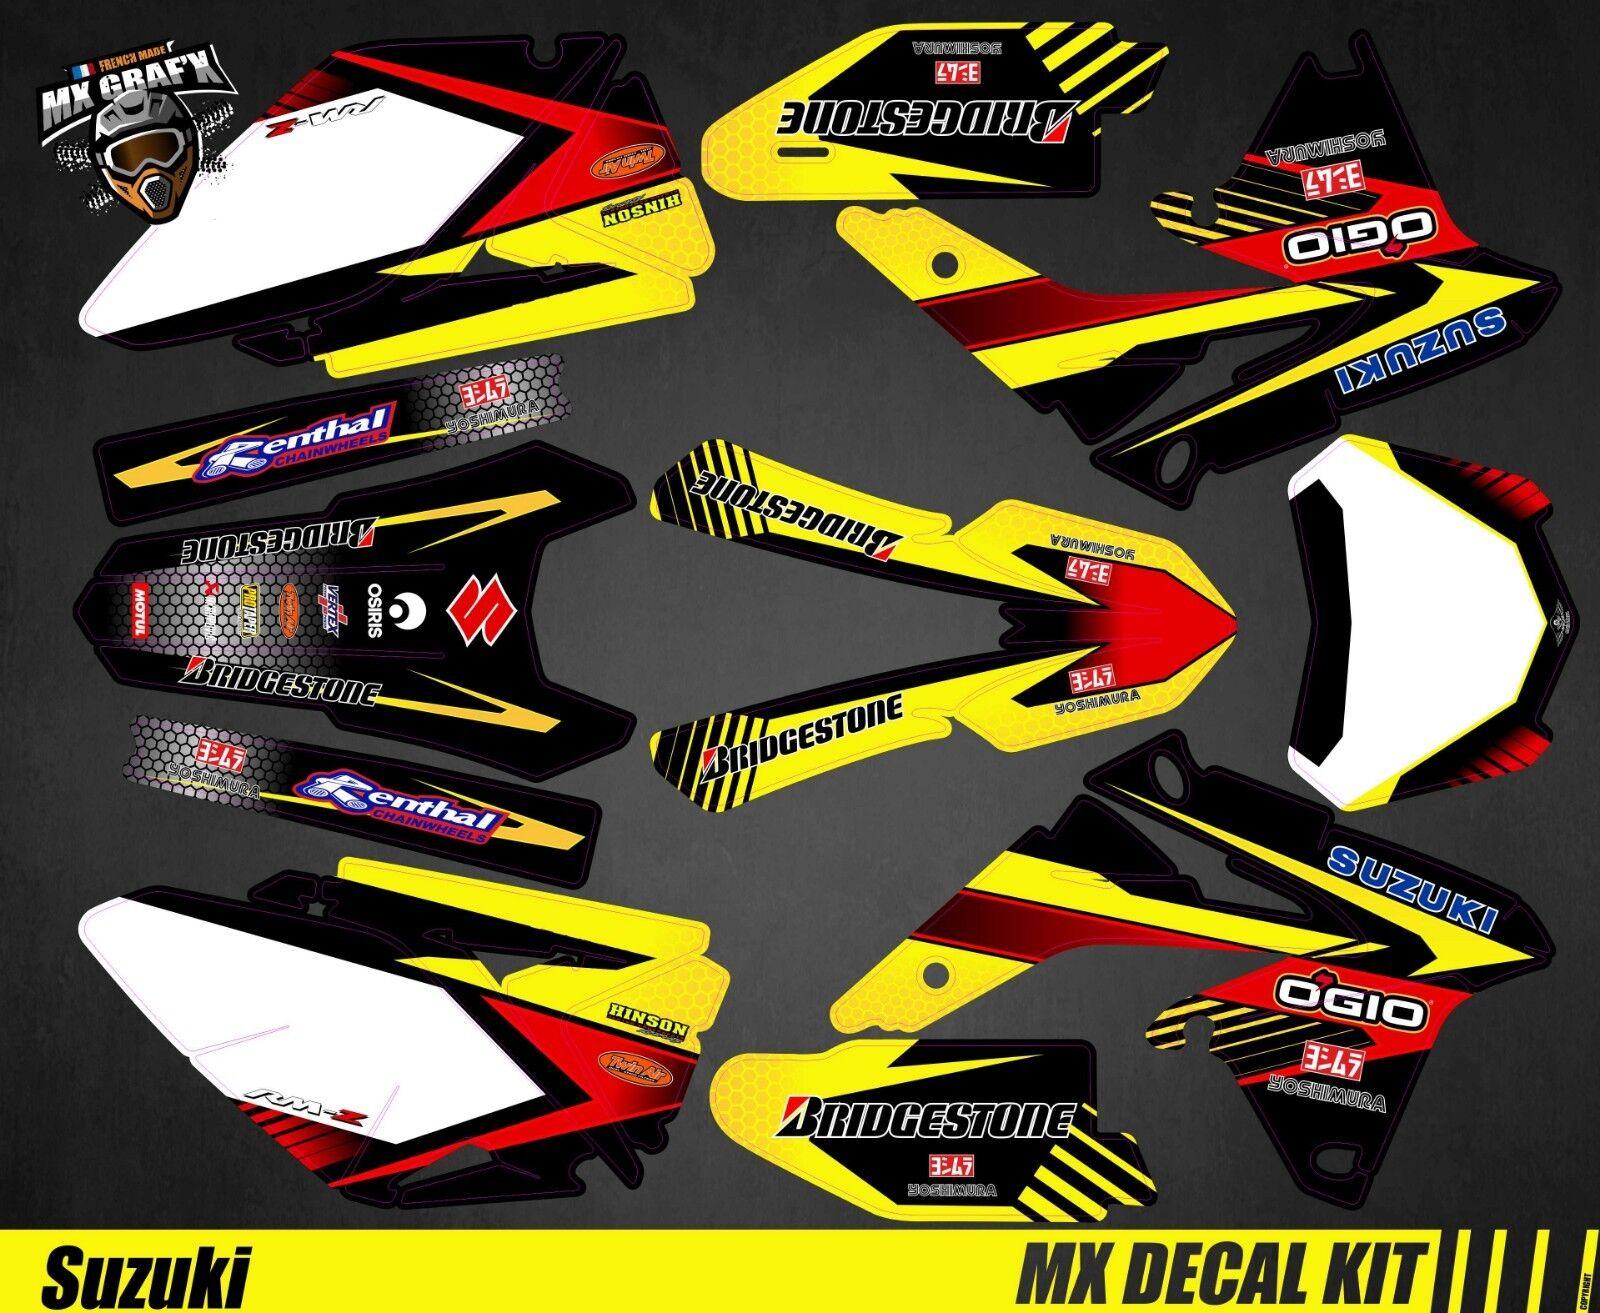 Kit Déco Moto pour / Mx Mx Mx Decal Kit for Suzuki RM-Z - Yellow Strip | Outlet  | Pas Cher  | Outlet Shop En Ligne  | De Qualité Constante  f91b62